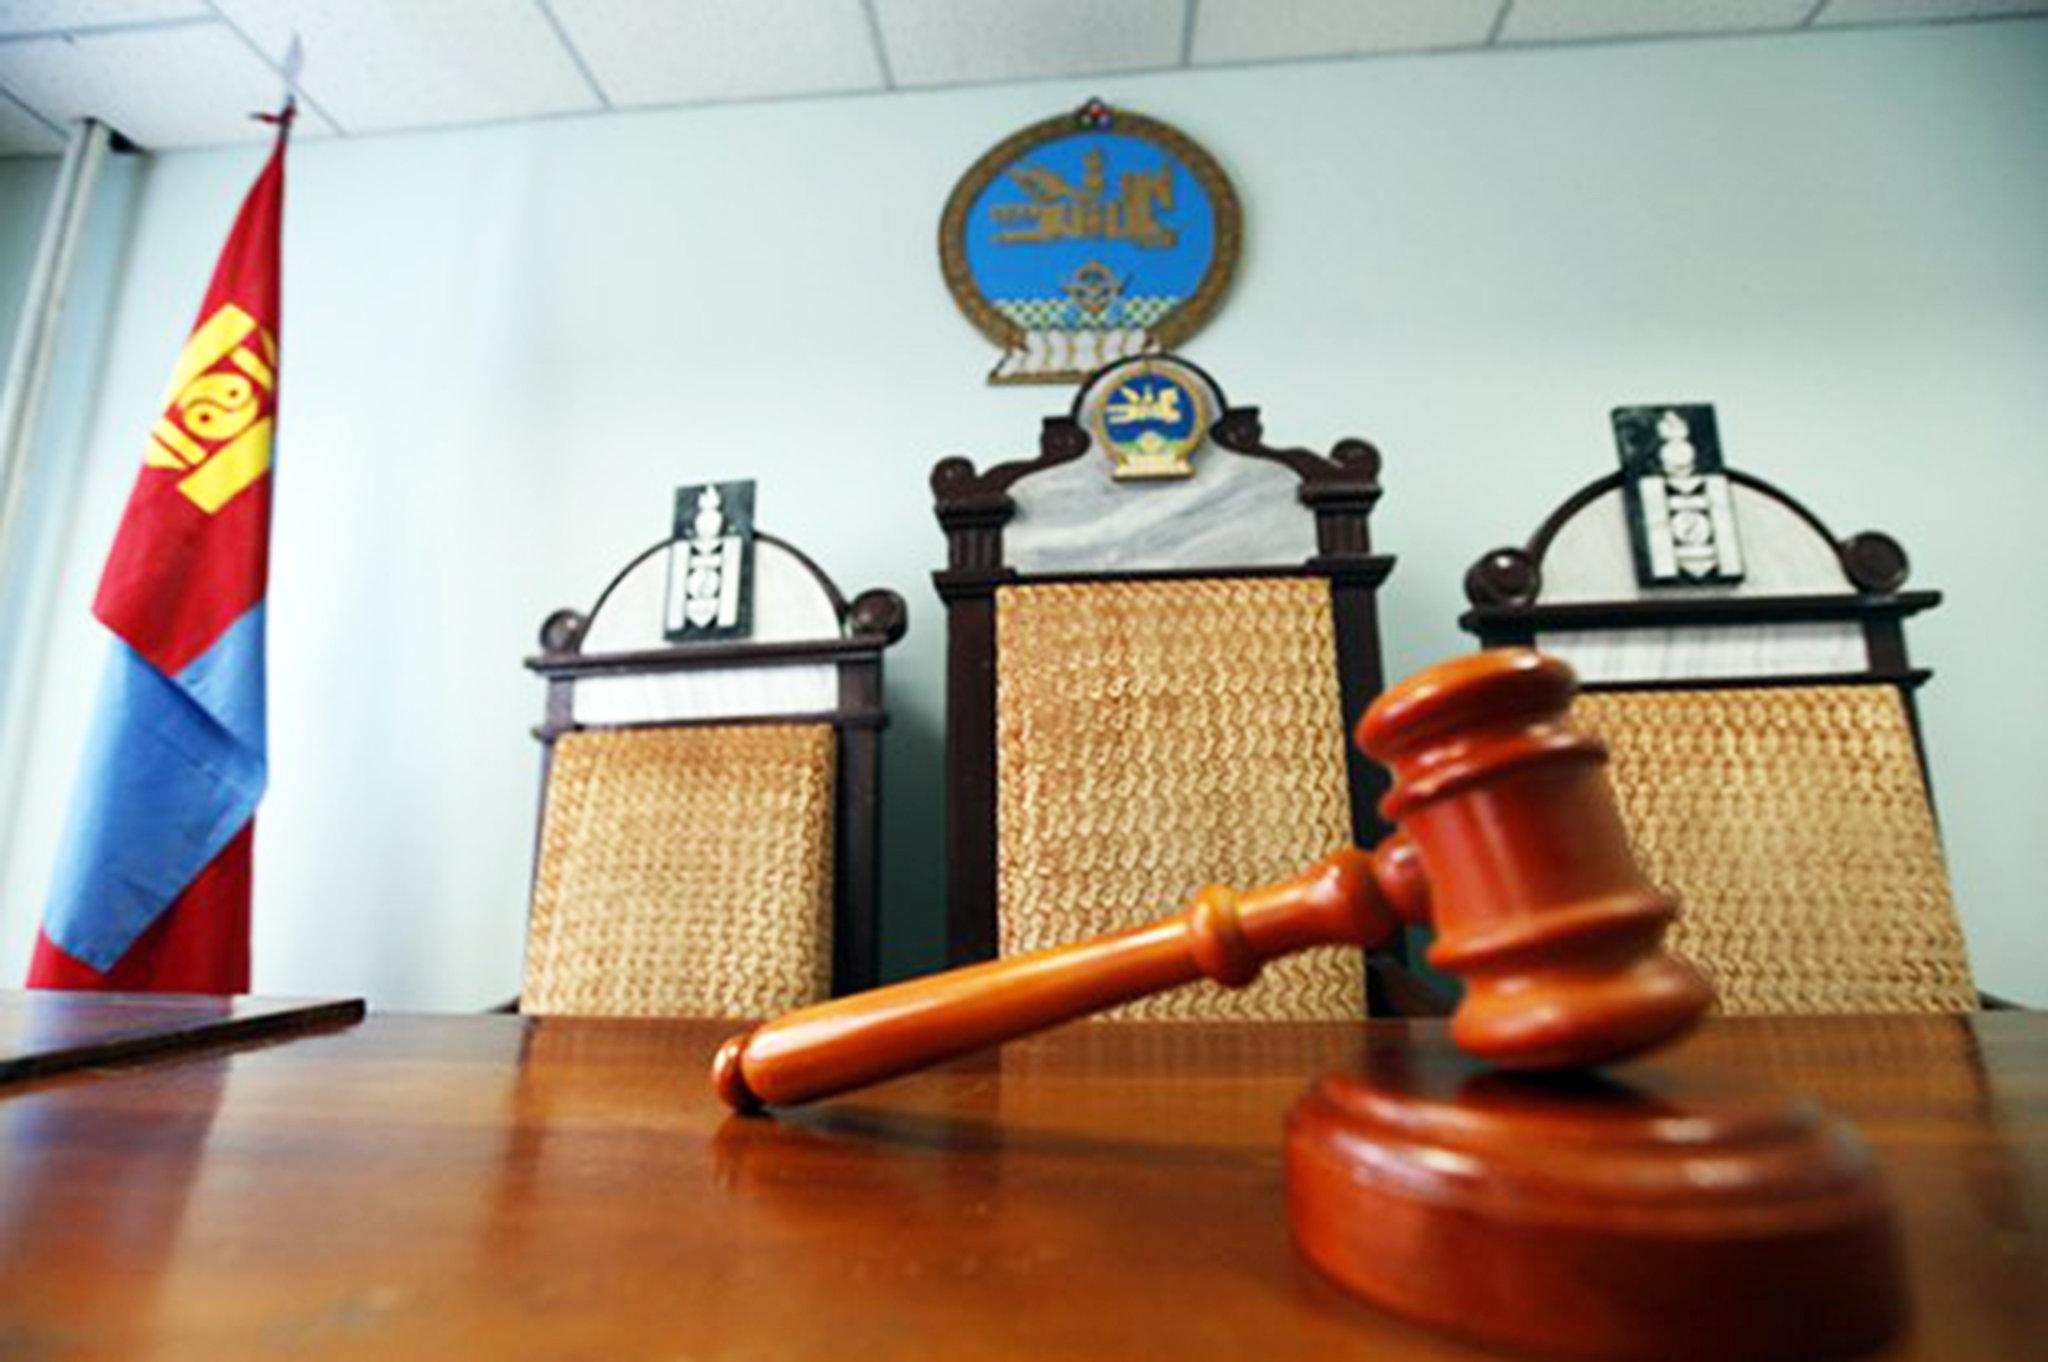 Шүүх, прокурор захиалгаар ажилладаг нь нотлогдлоо